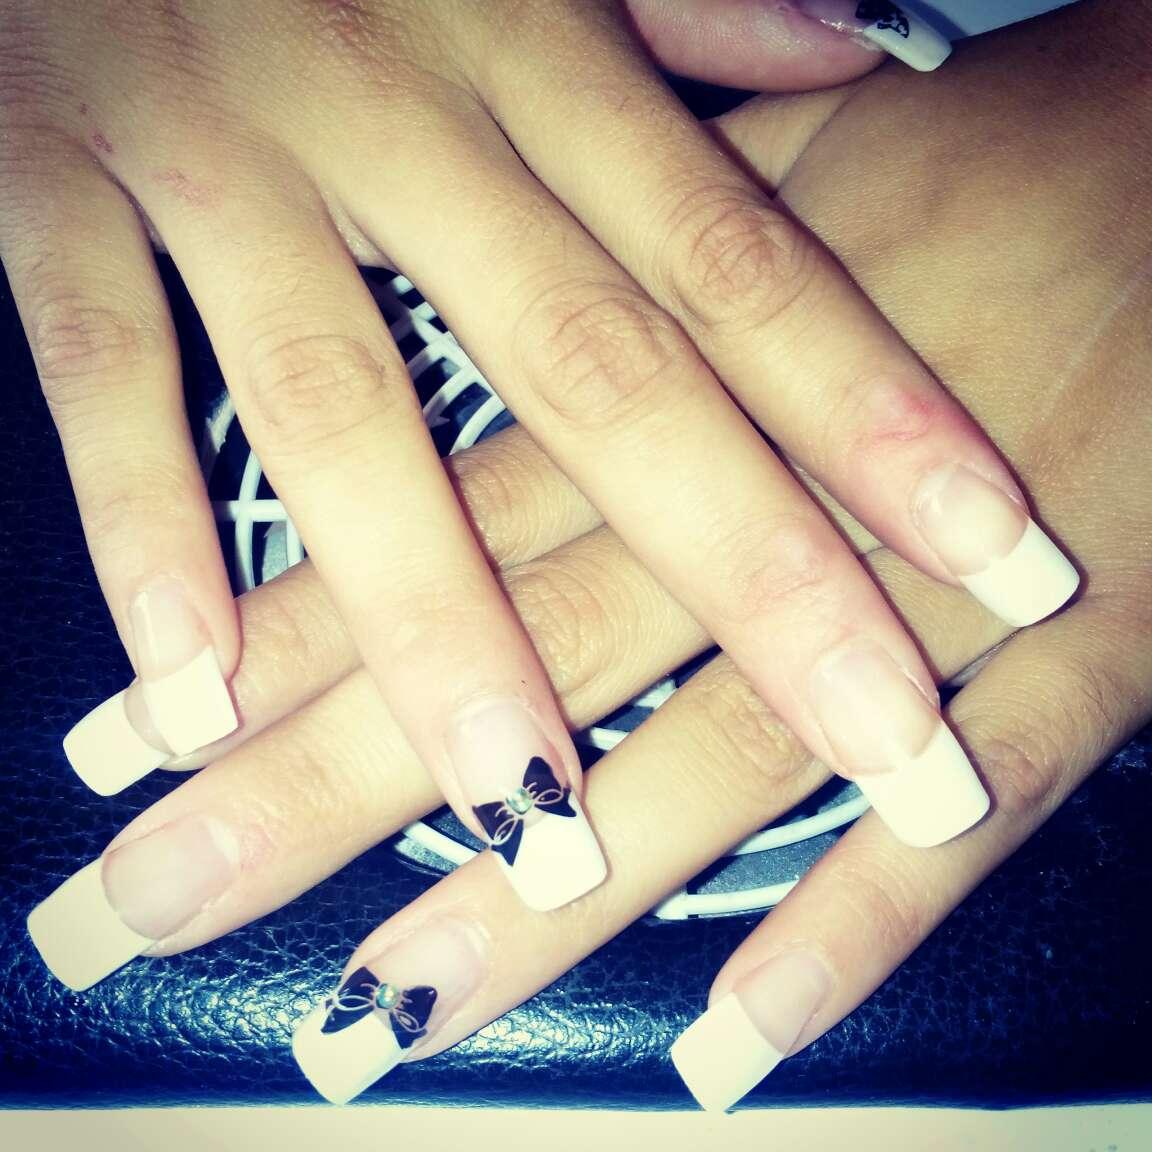 Imagen uñas acrílicas francesa con tips y 2 dibujos